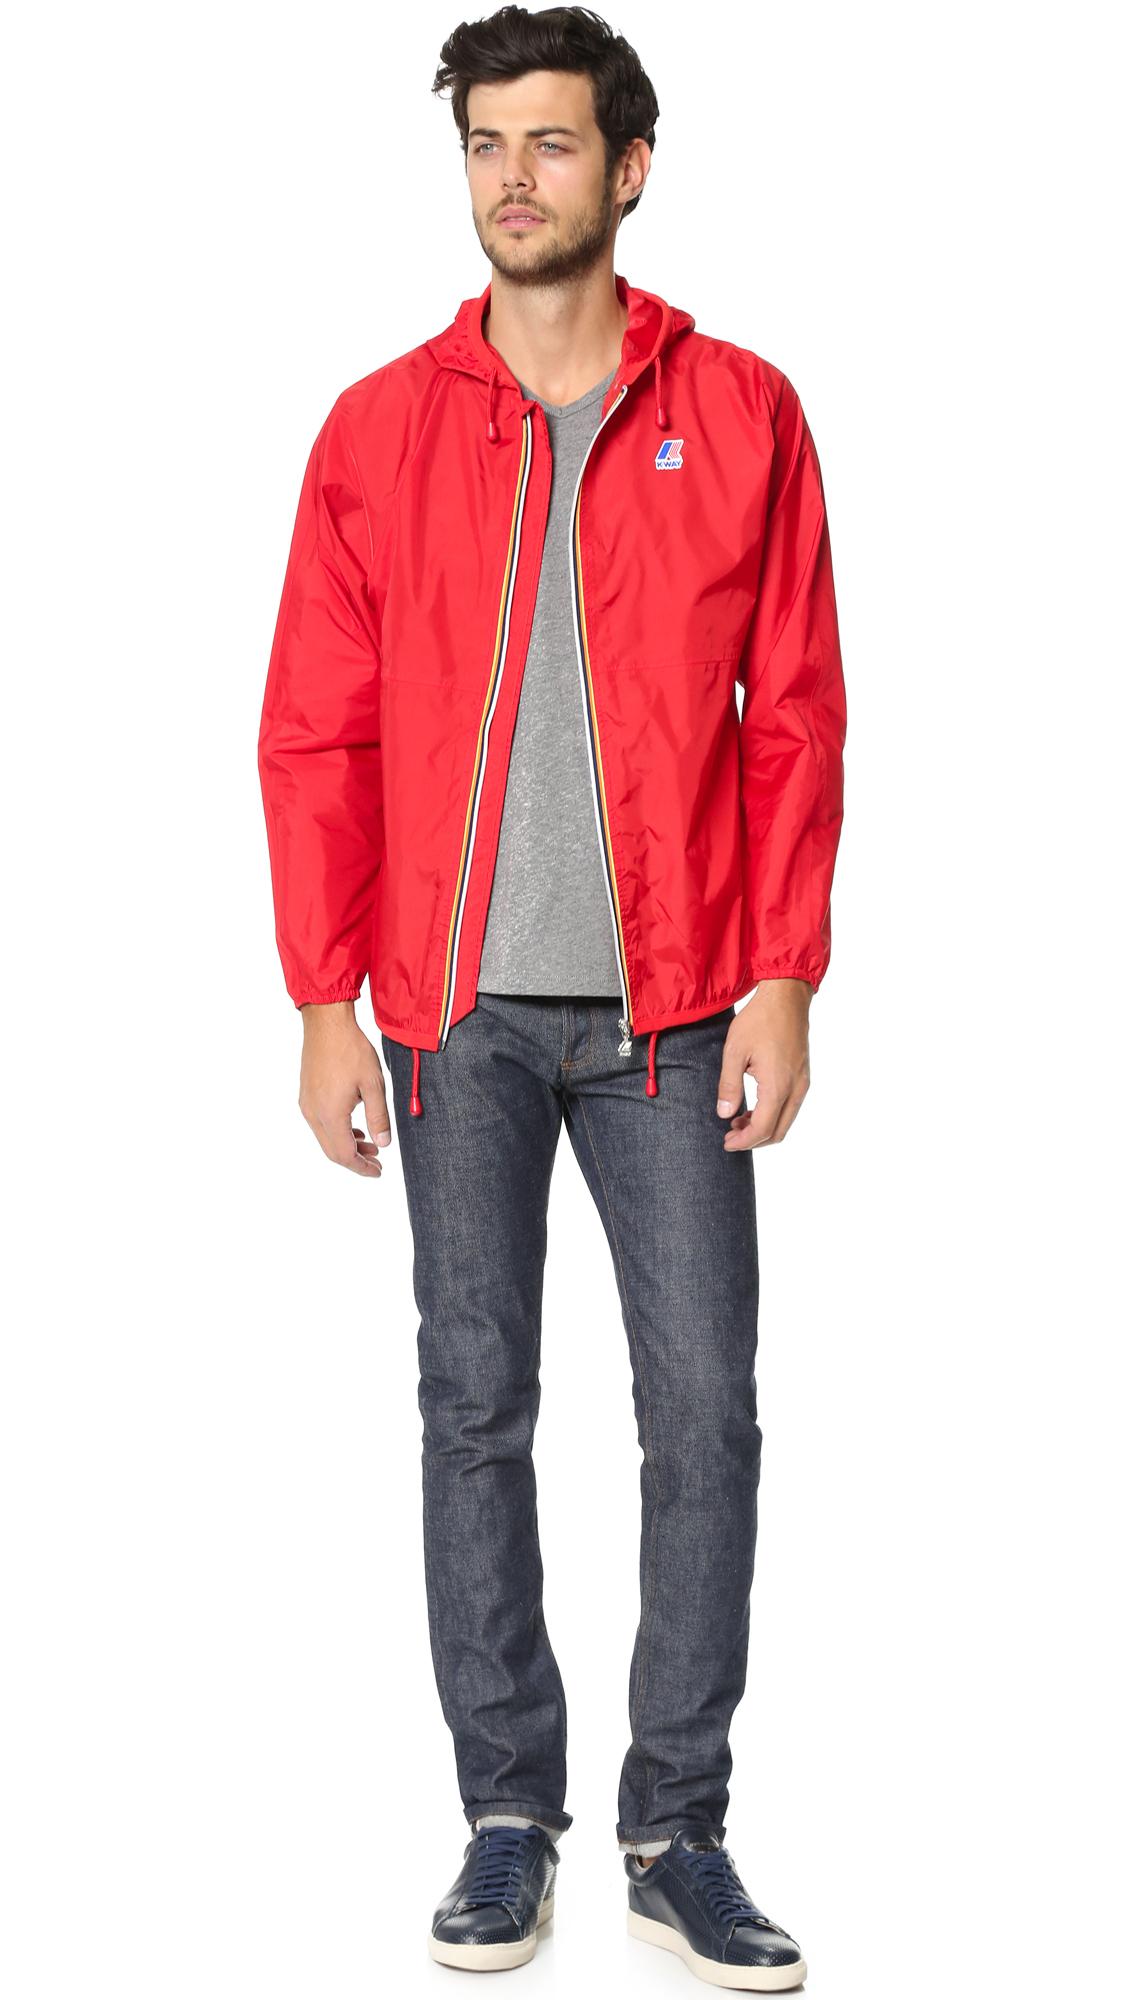 lyst k way claude klassic jacket in red for men. Black Bedroom Furniture Sets. Home Design Ideas